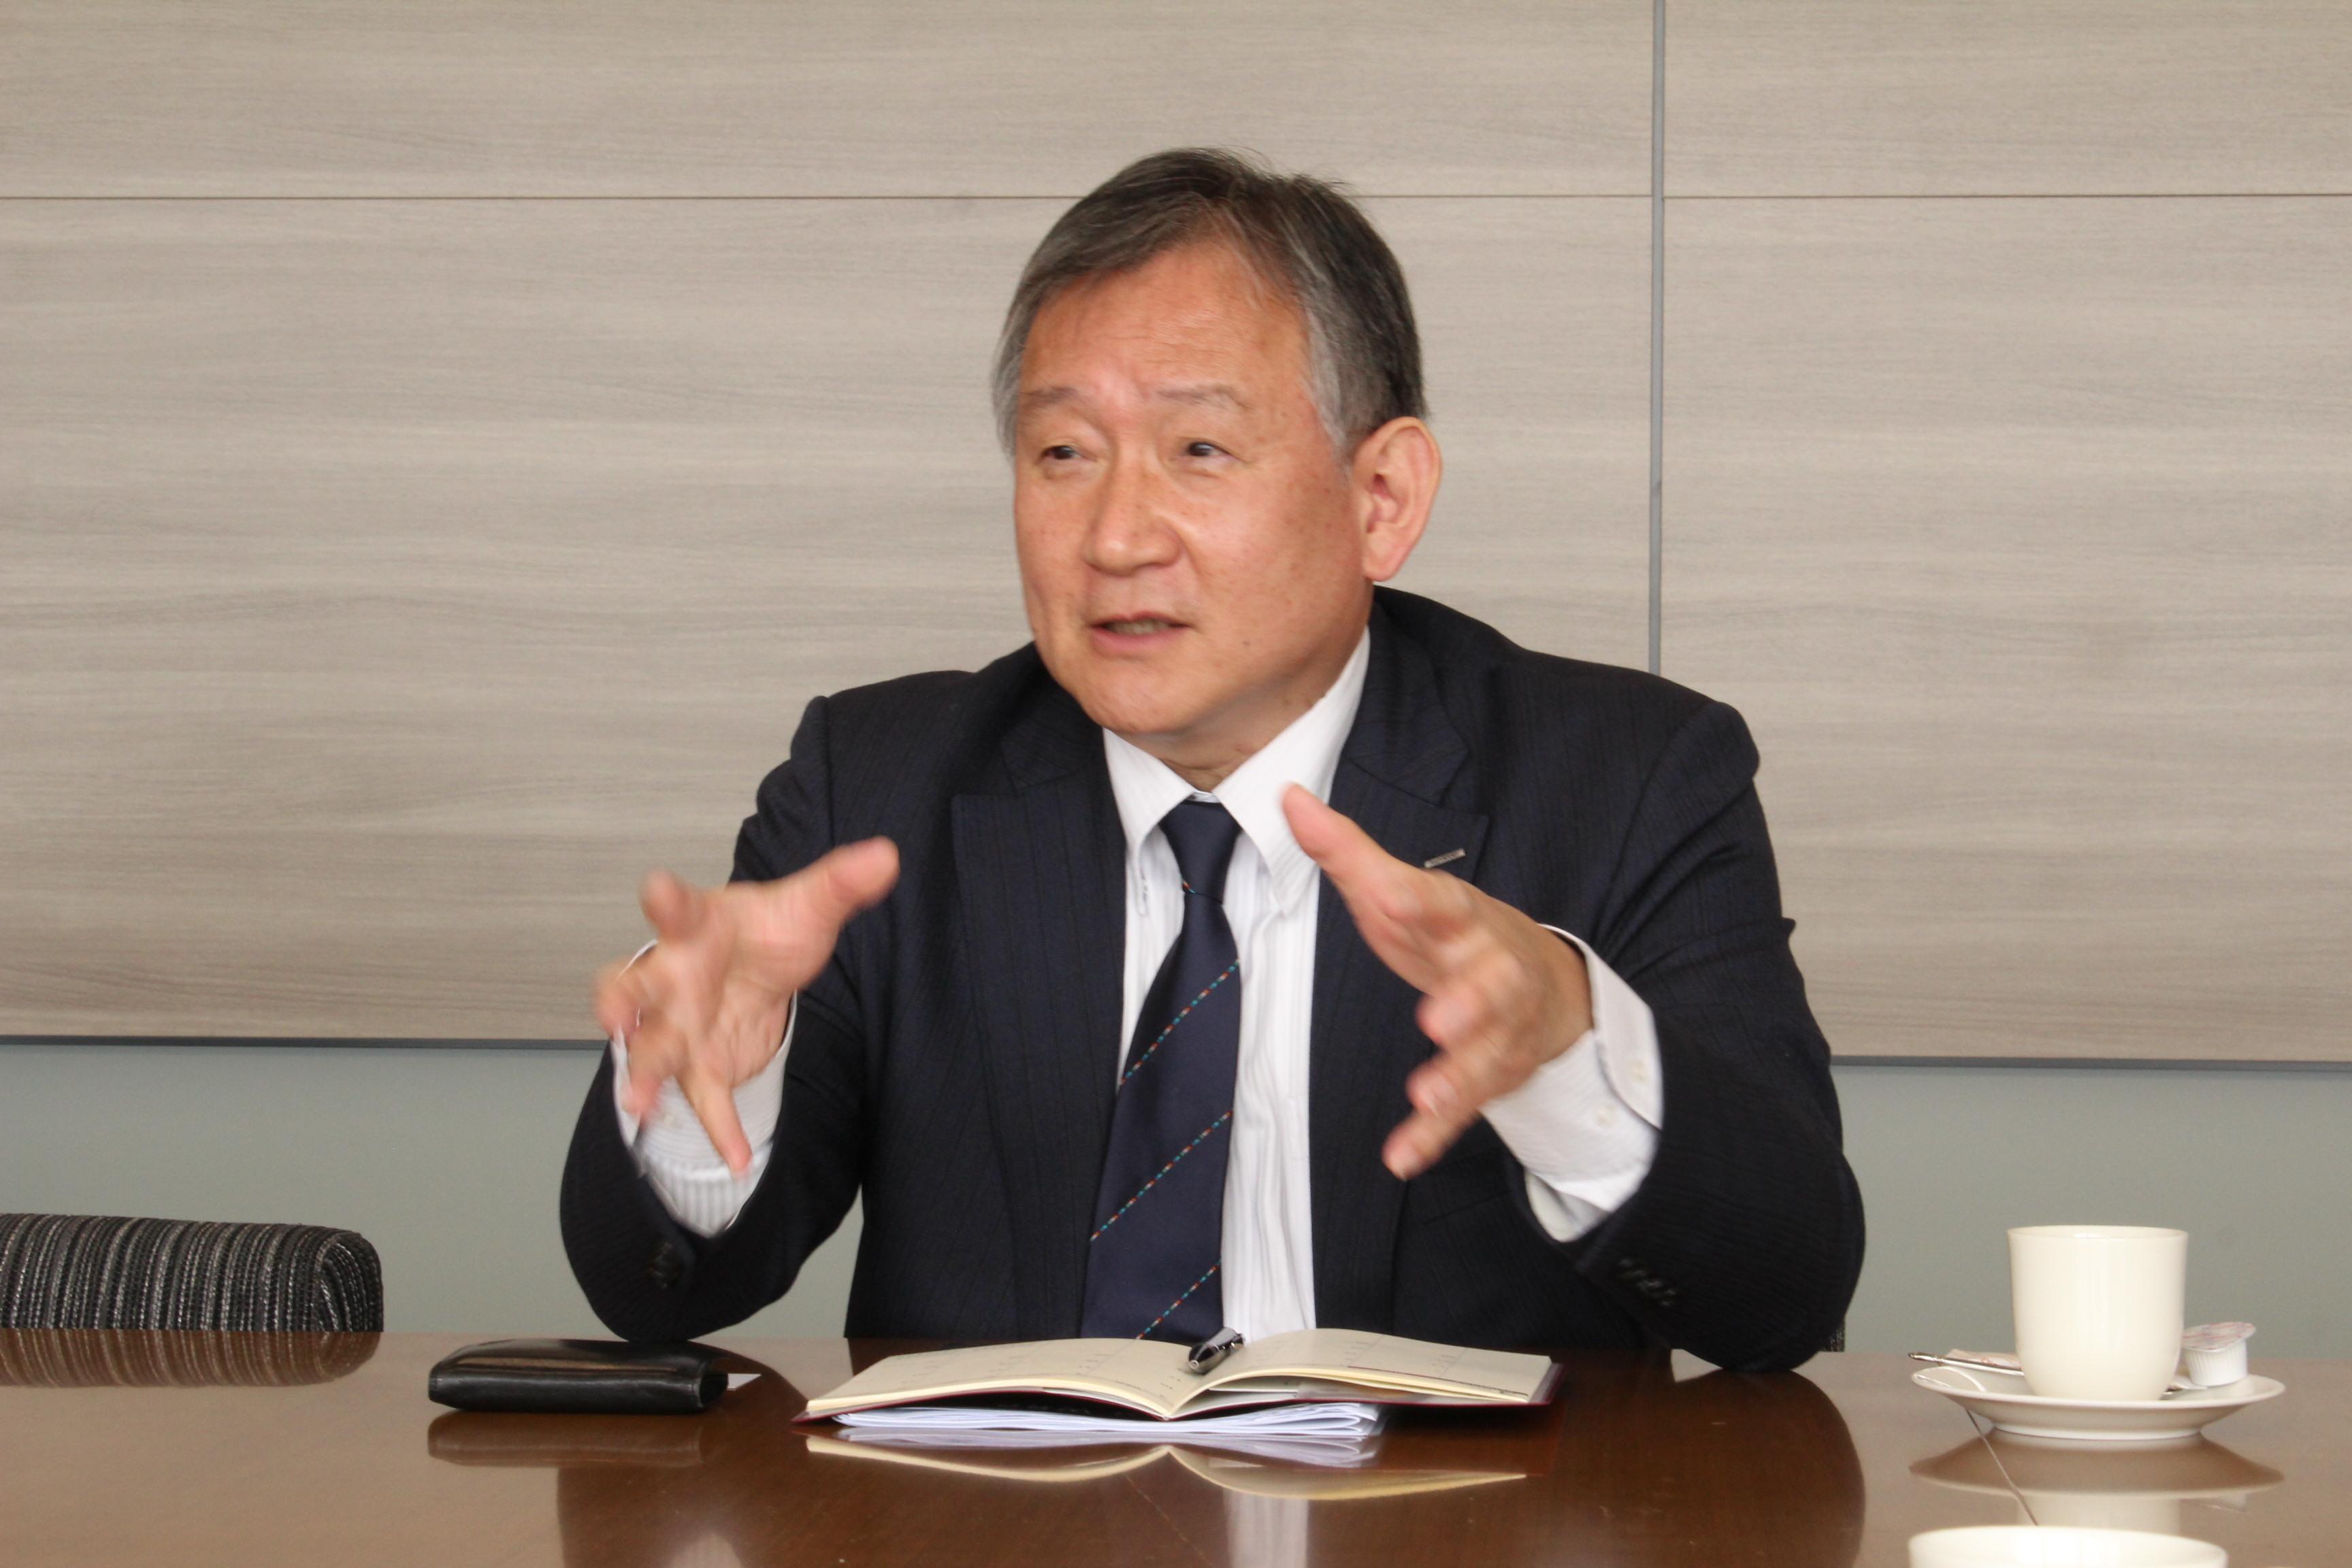 田村敏・旭化成常務執行役員・マーケティング&イノベーション本部長/グリーンソリューションプロジェクト長